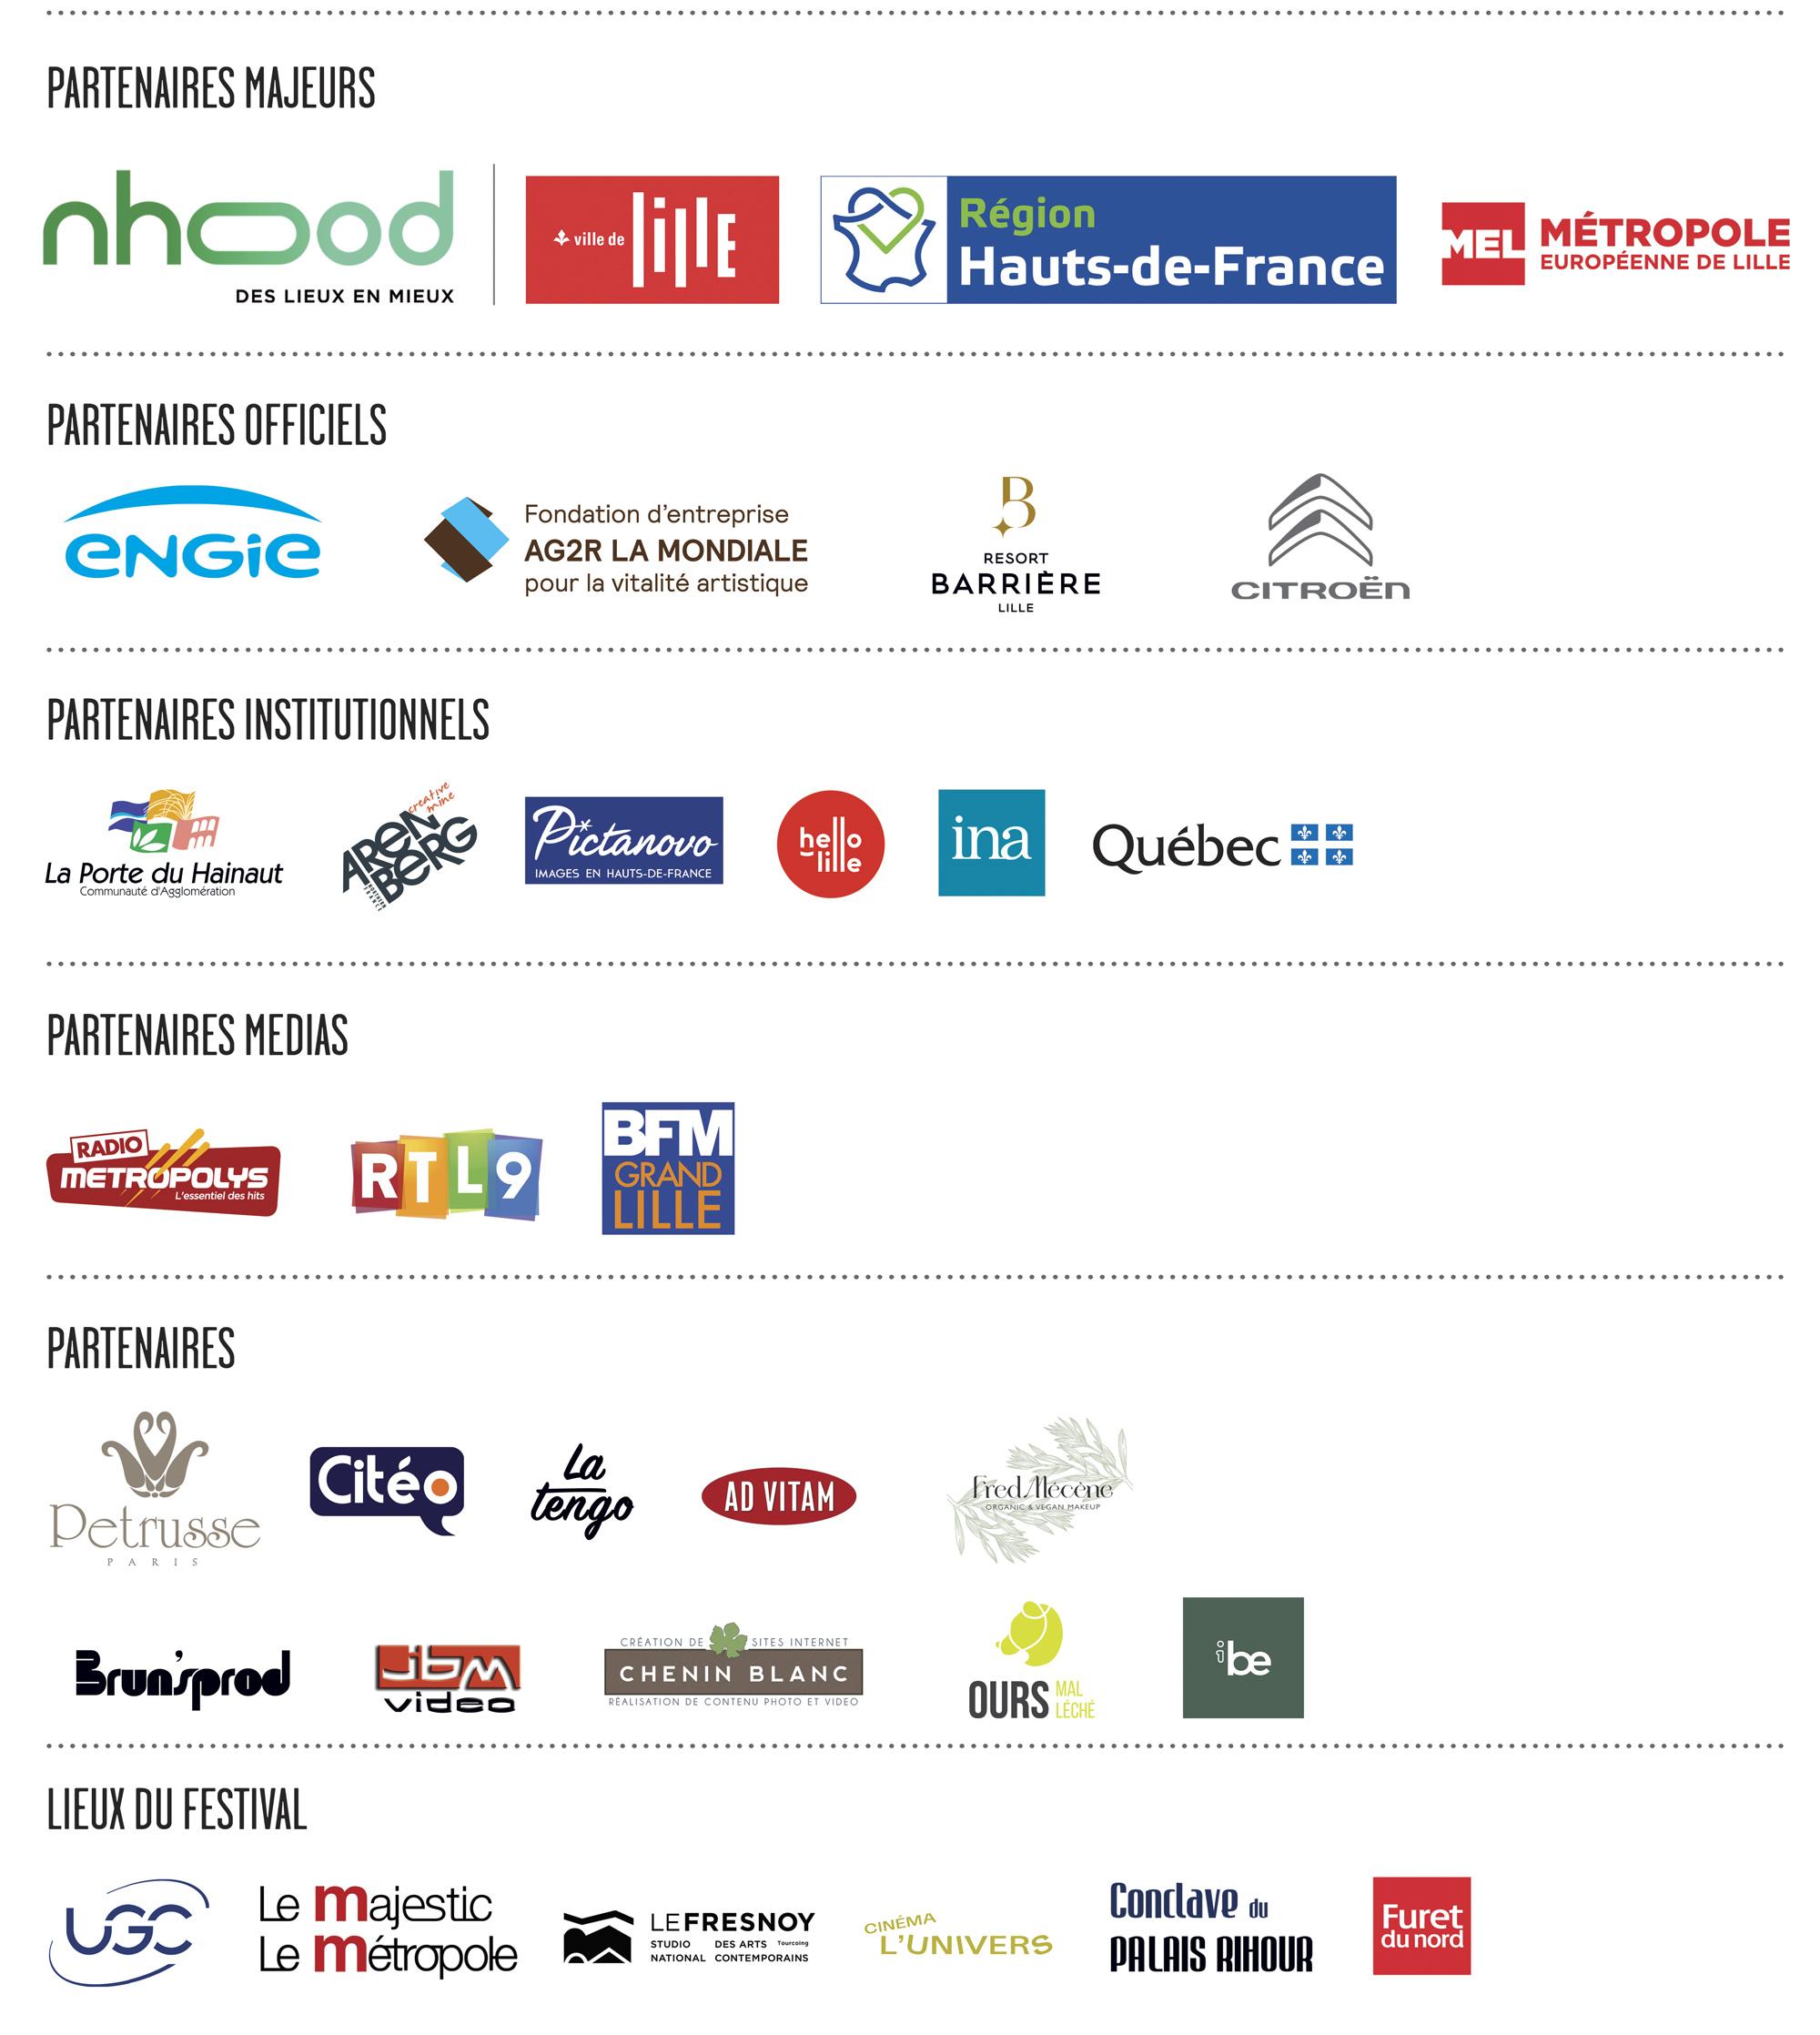 https://www.festival-cinecomedies.com/wp-content/uploads/2021/09/Page-partenaires-WEB-FCC-2021.jpg